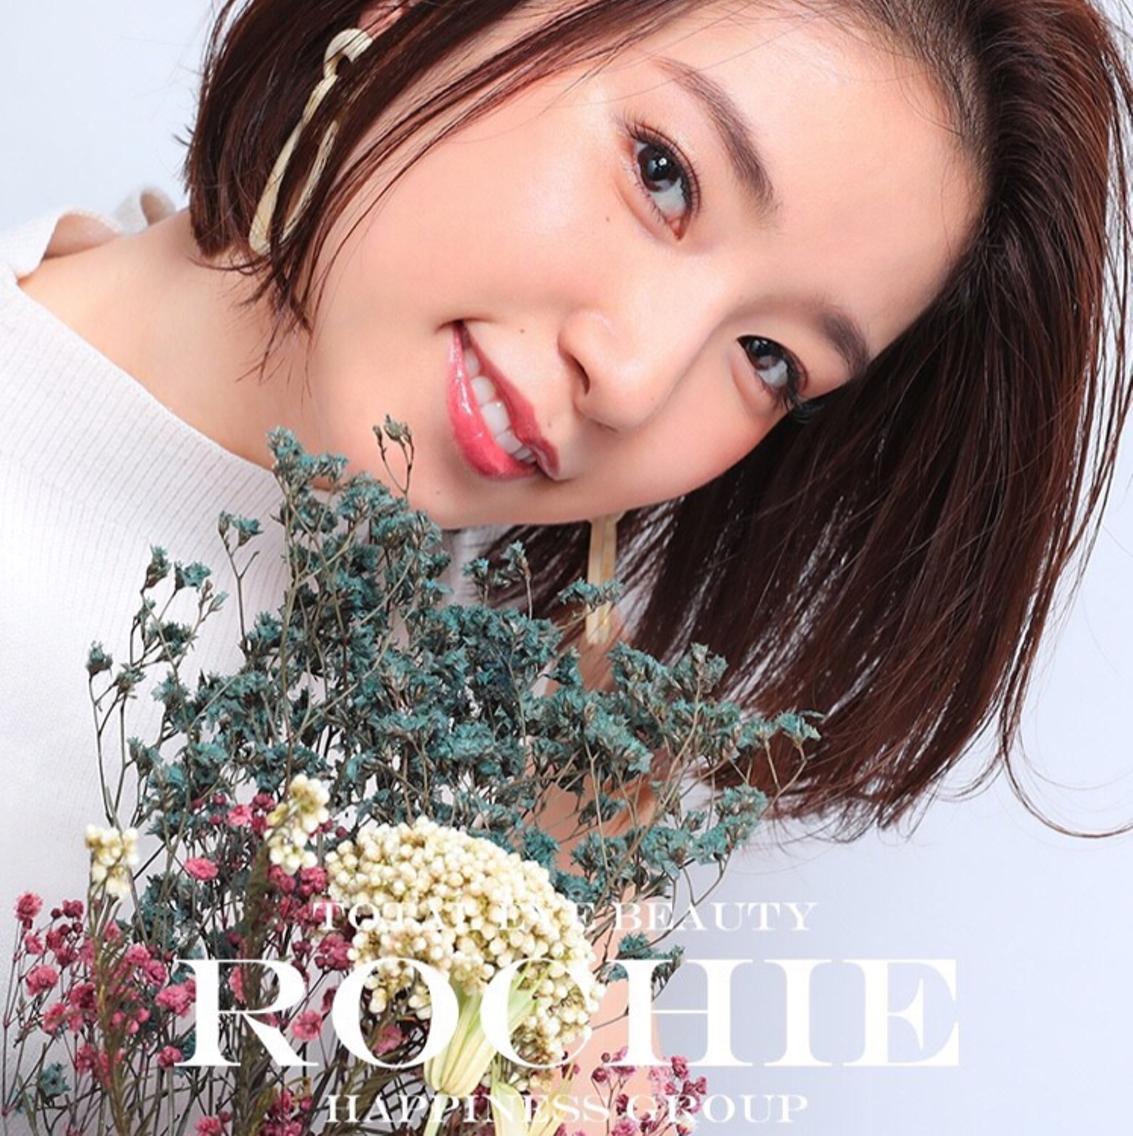 まつ毛が育つまつエク100本¥4480、似合わせ眉毛¥2400、目元スパ¥2400